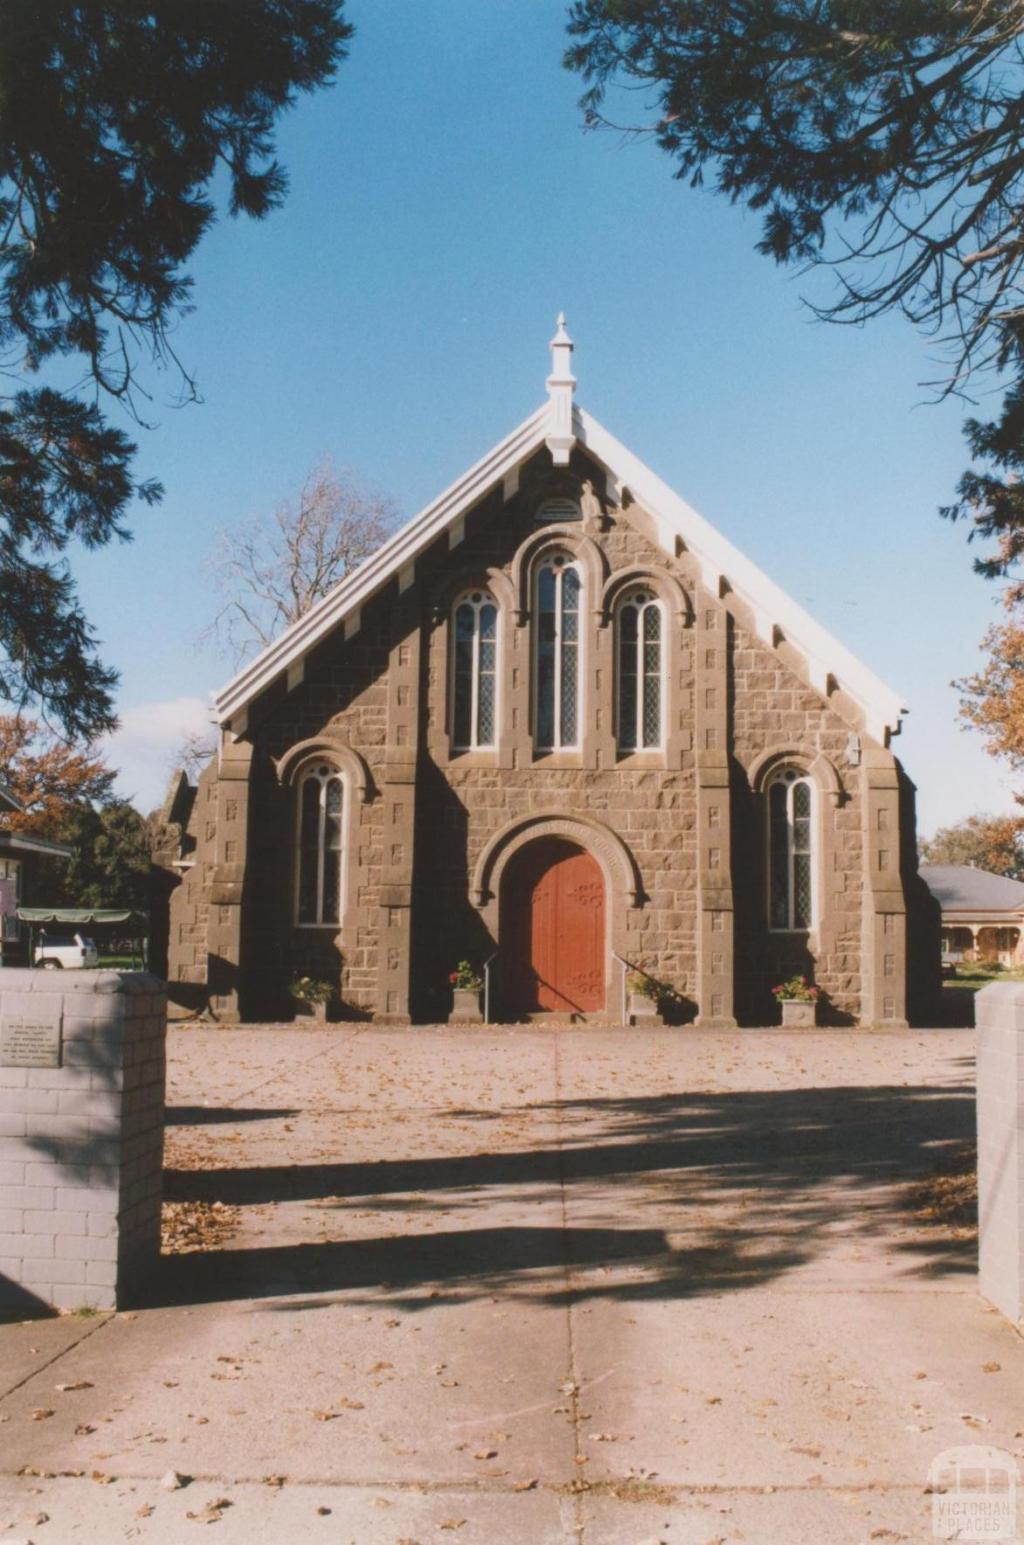 Welsh Carmel Presbyterian Church (1861) opposite Vale Street, Sebastopol, 2010